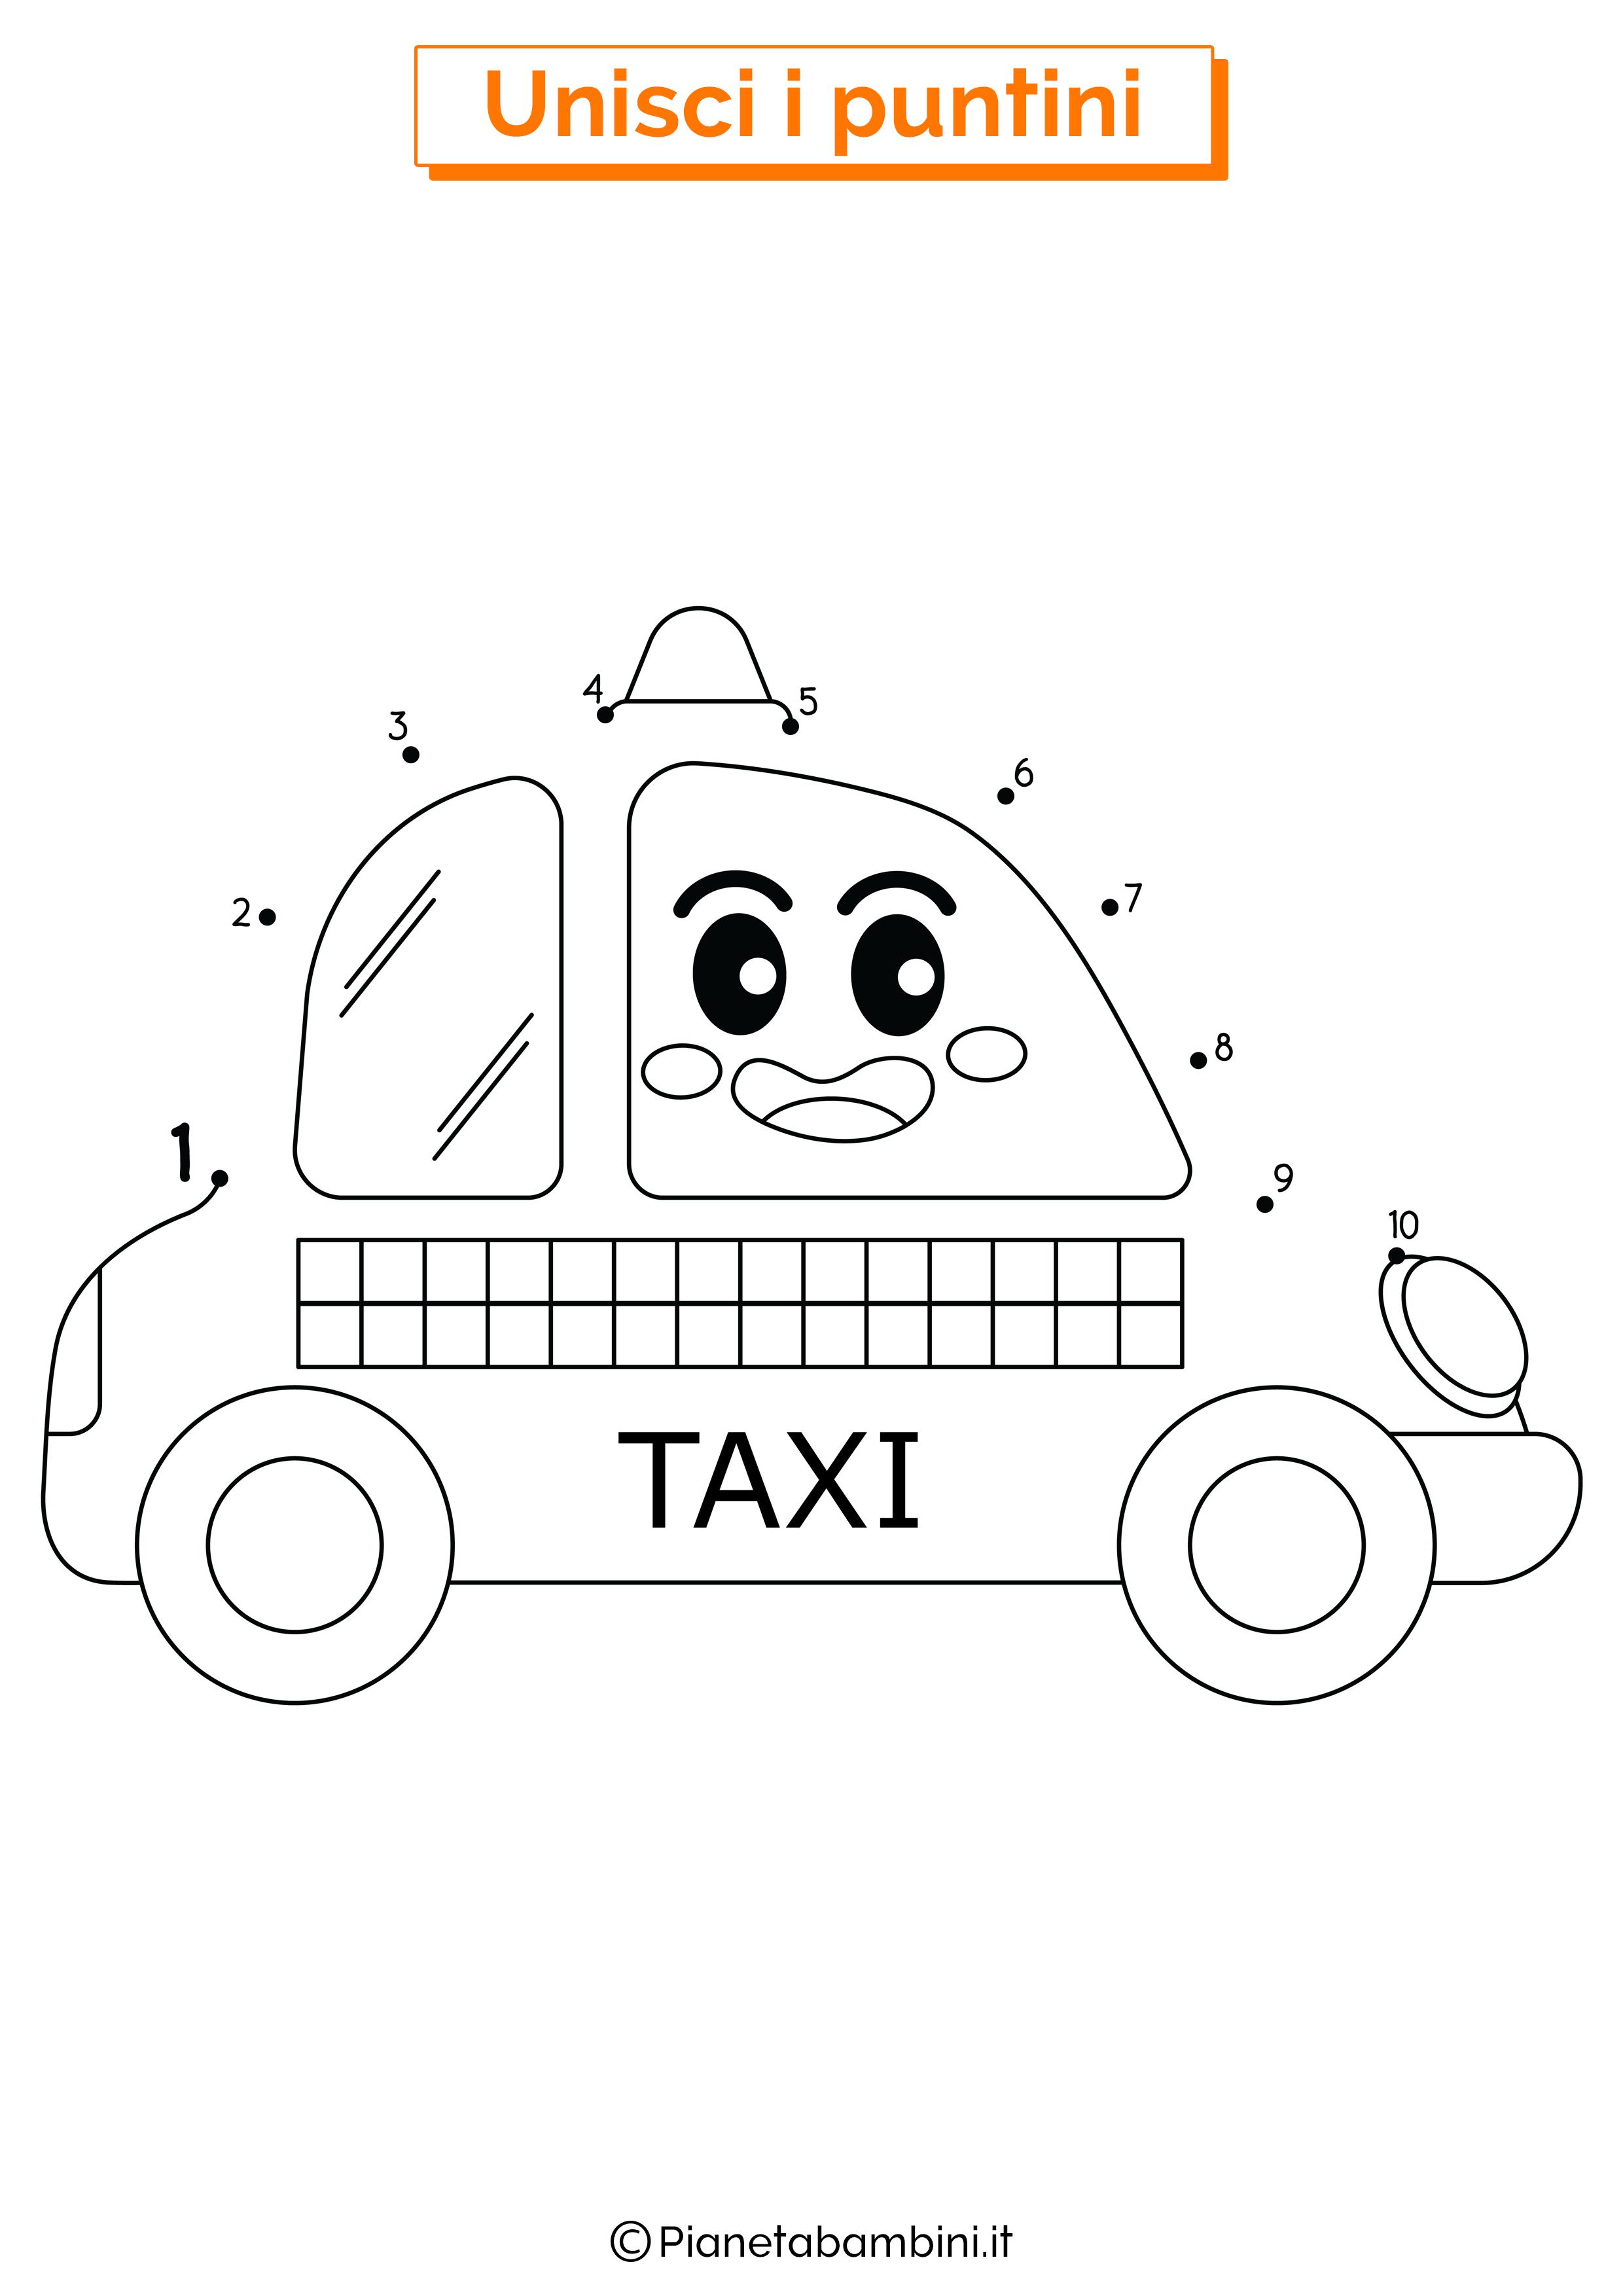 Disegno Unisci i puntini da 1 a 10 taxi